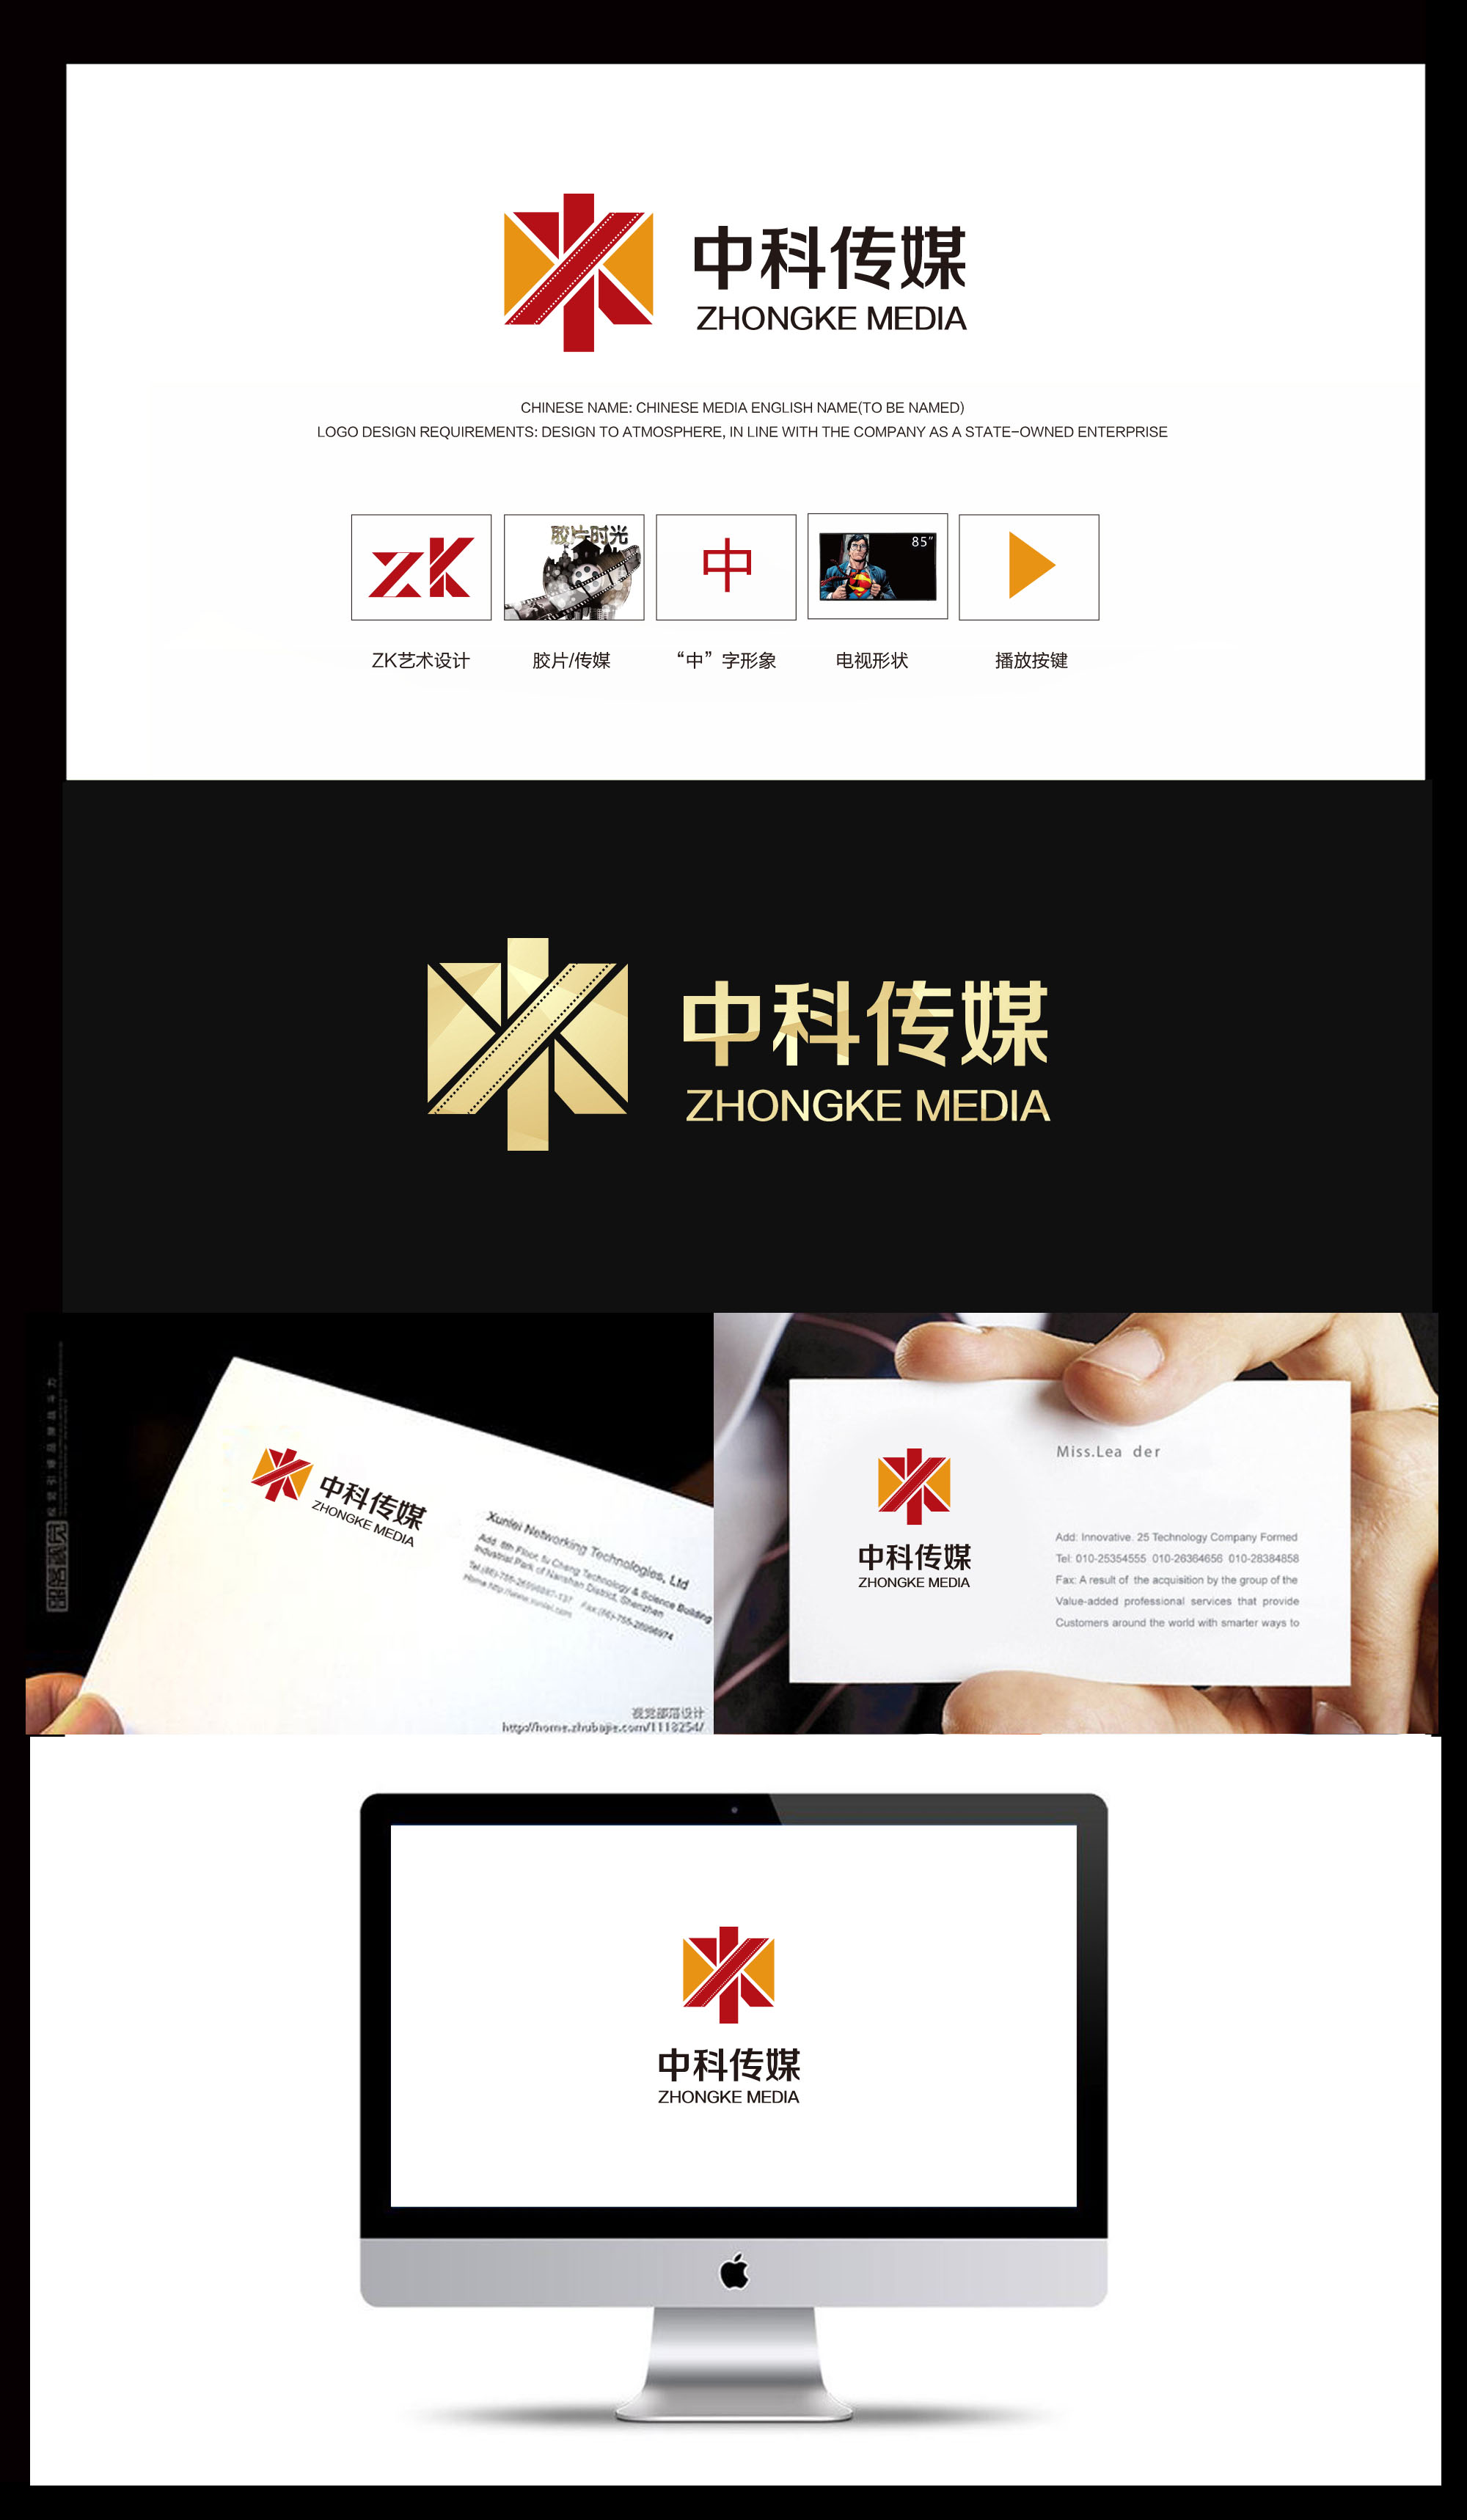 中英文LOGO 设计_3025717_k68威客网